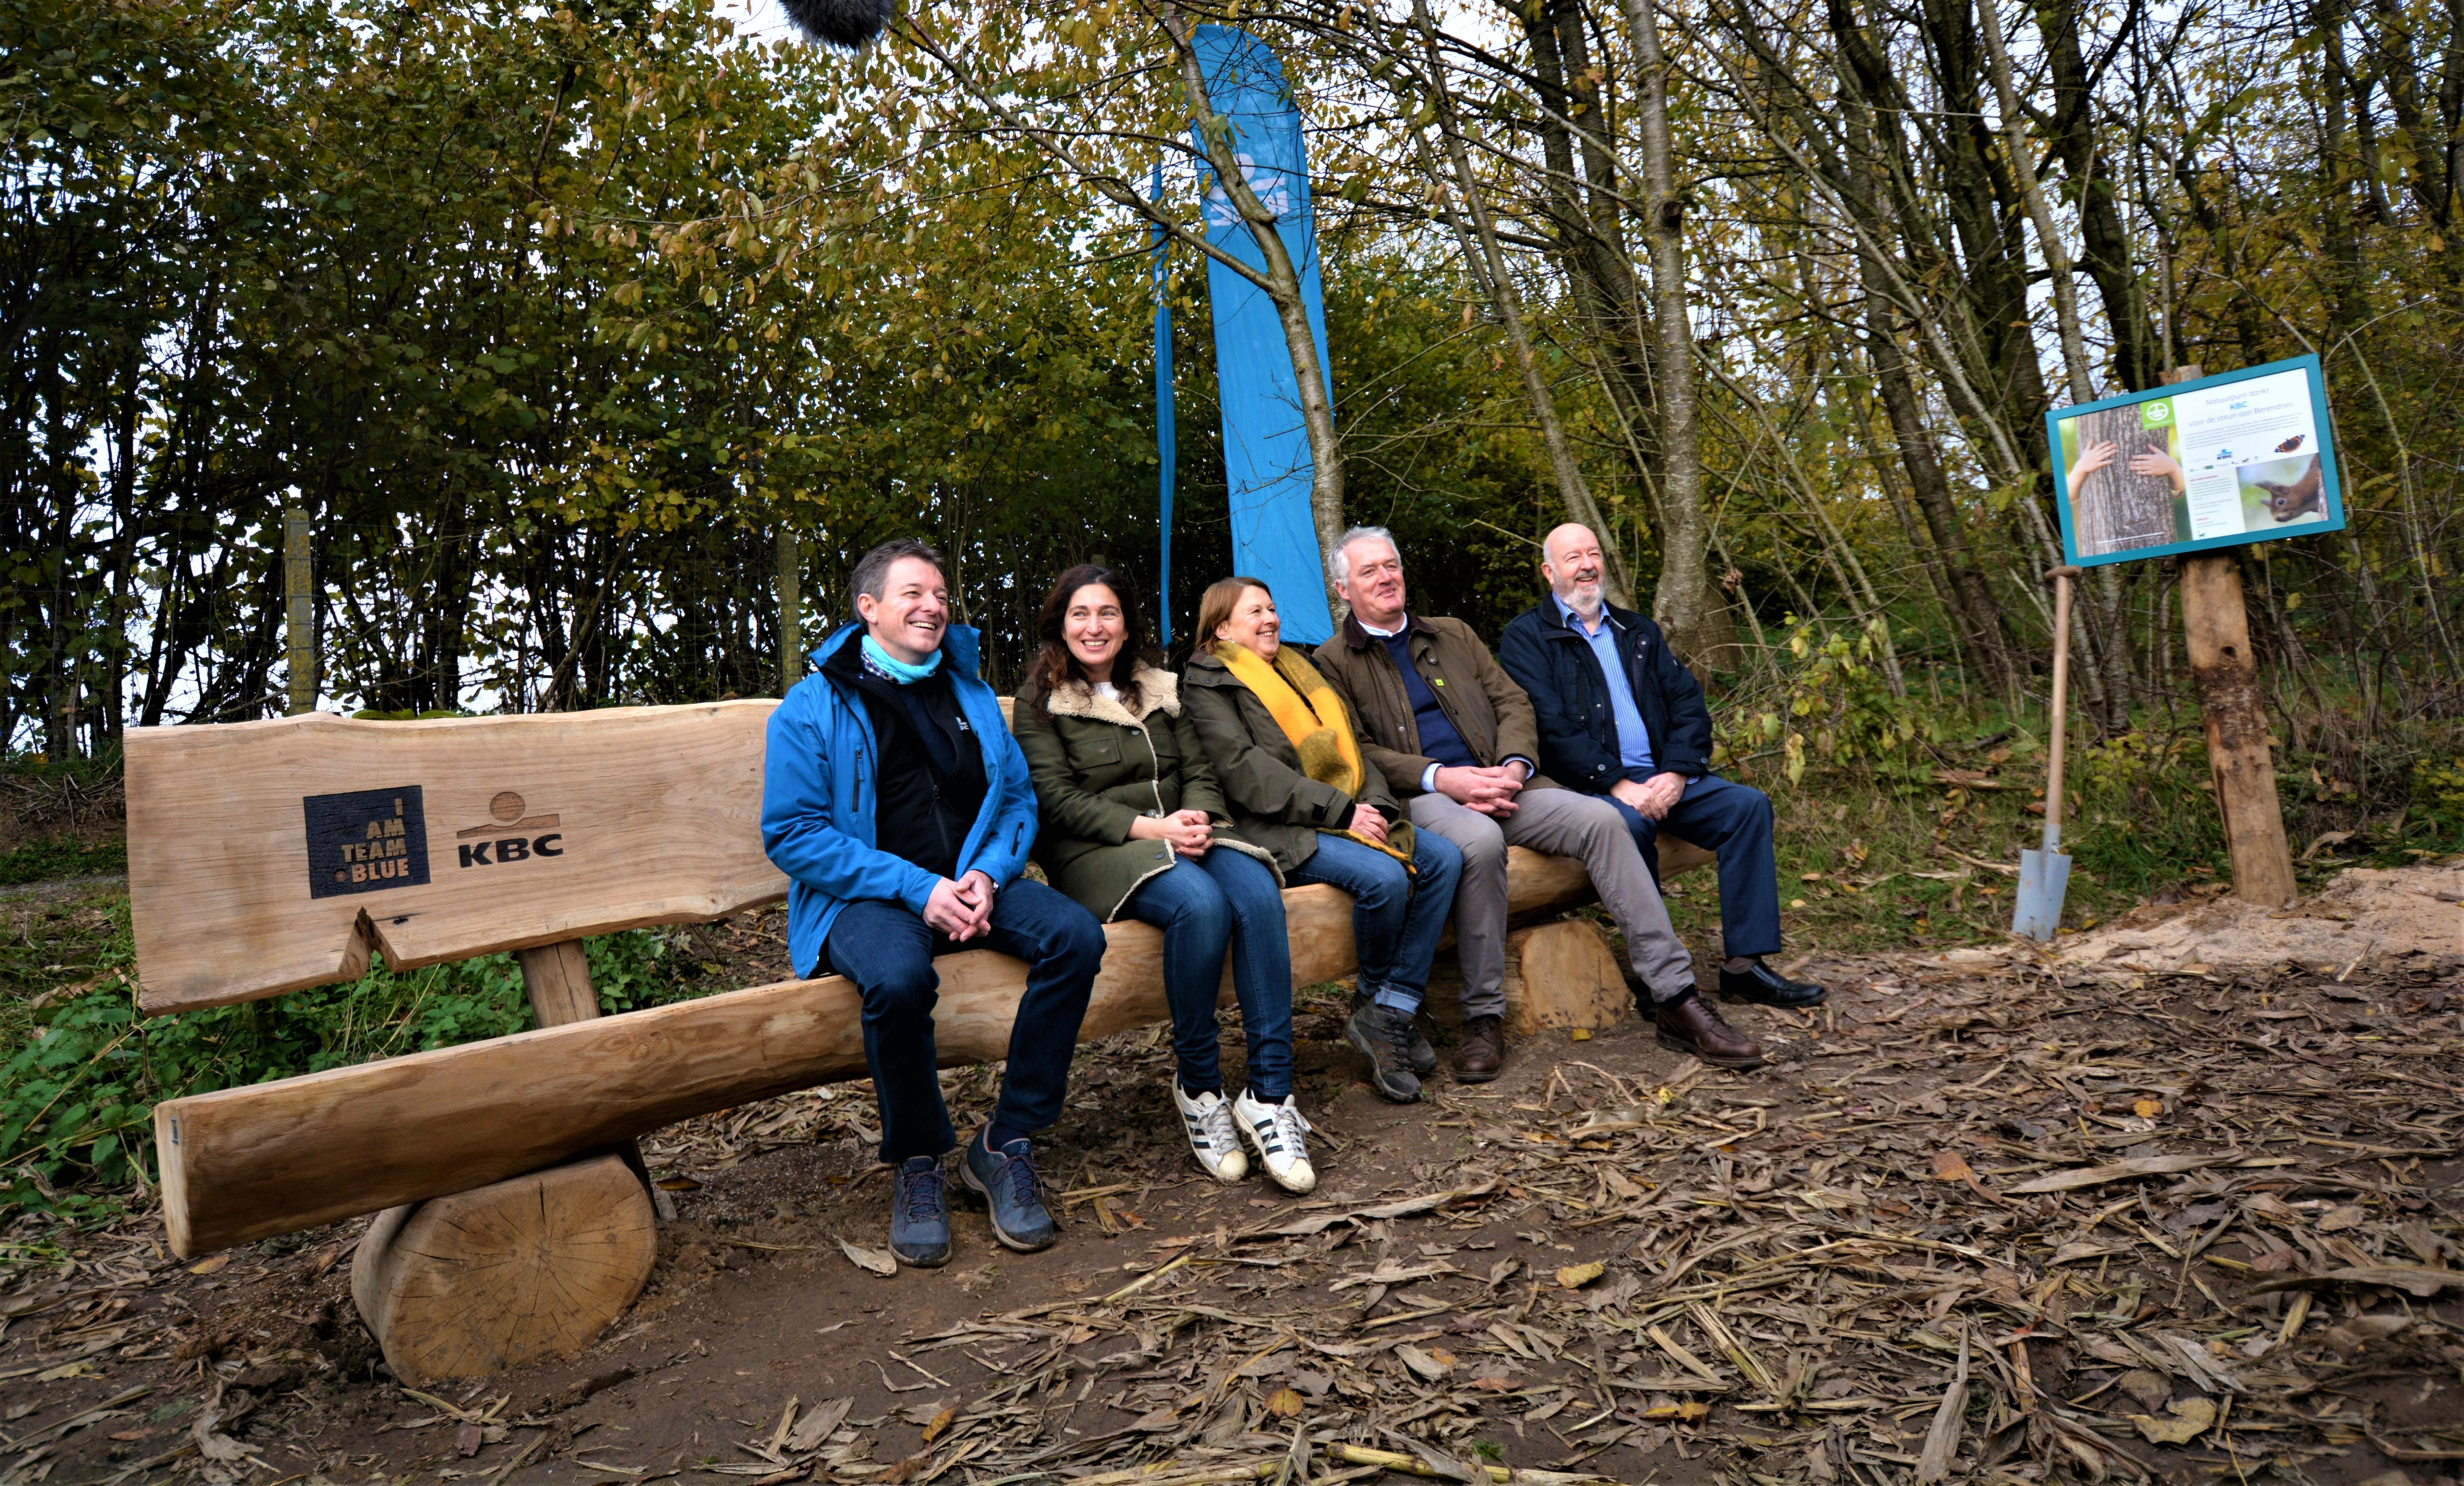 KBC plantte samen met Natuurpunt 12.000 bomen aan